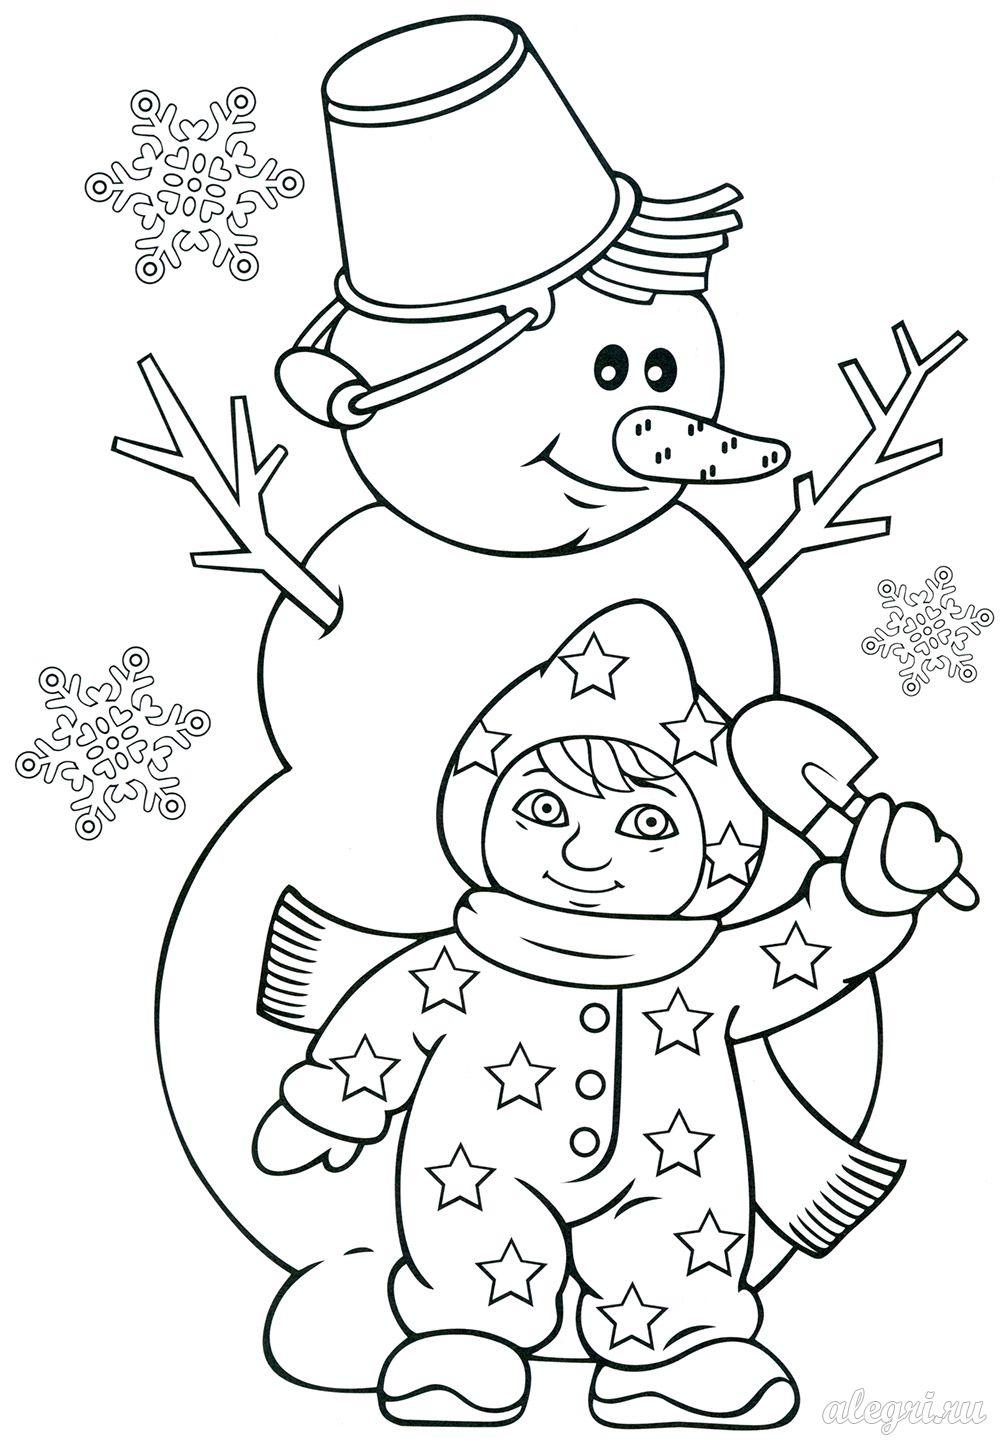 Новый год для детей. Раскраска